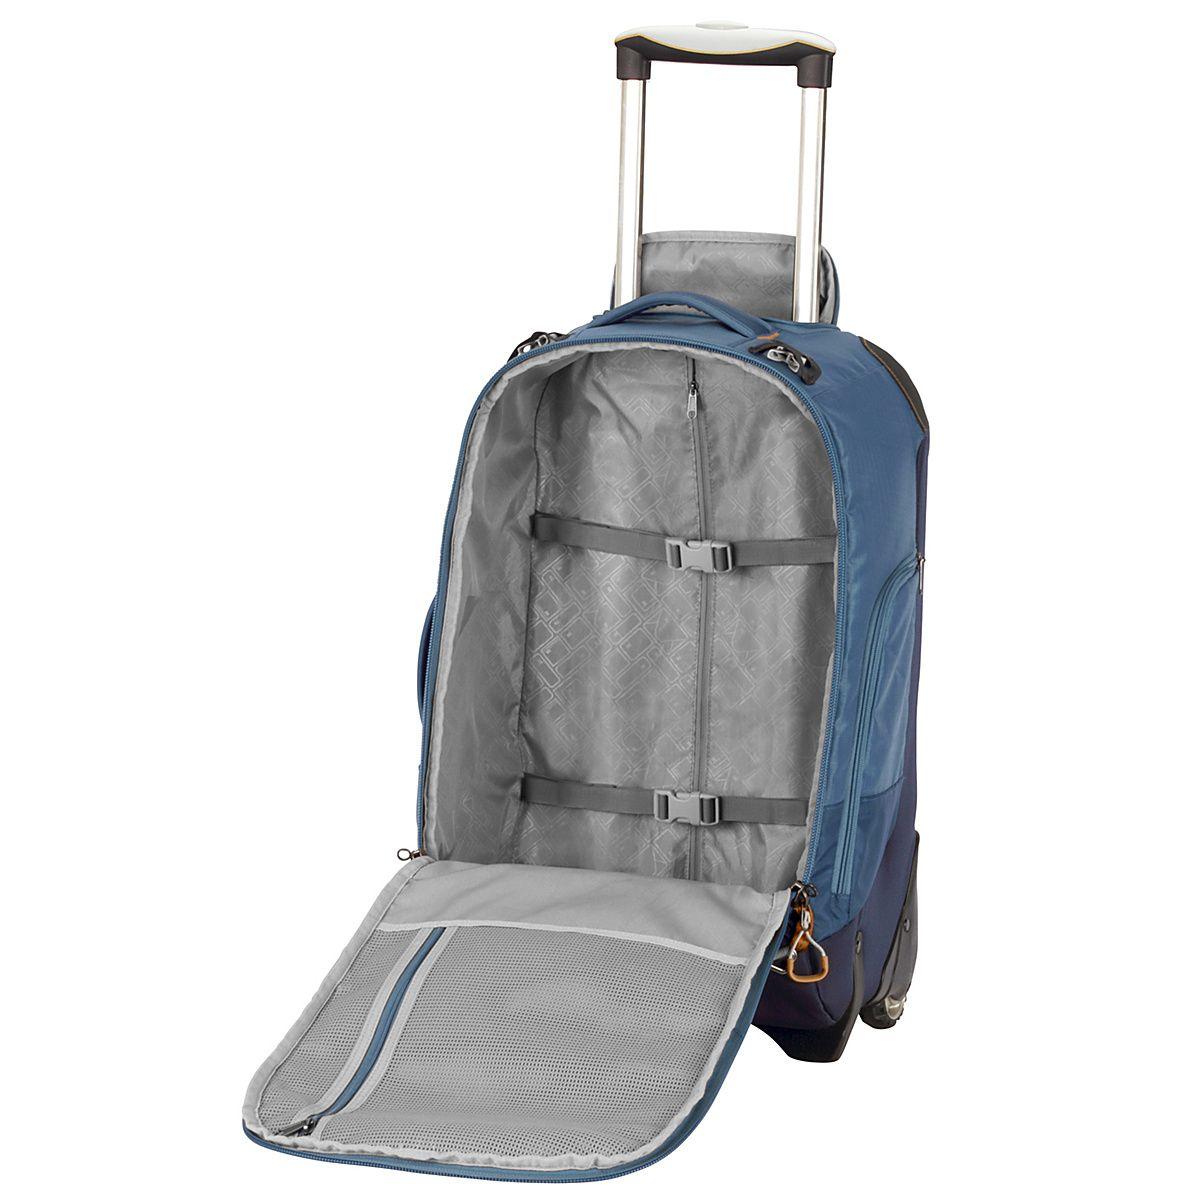 Lightweight Rolling Backpack - Crazy Backpacks